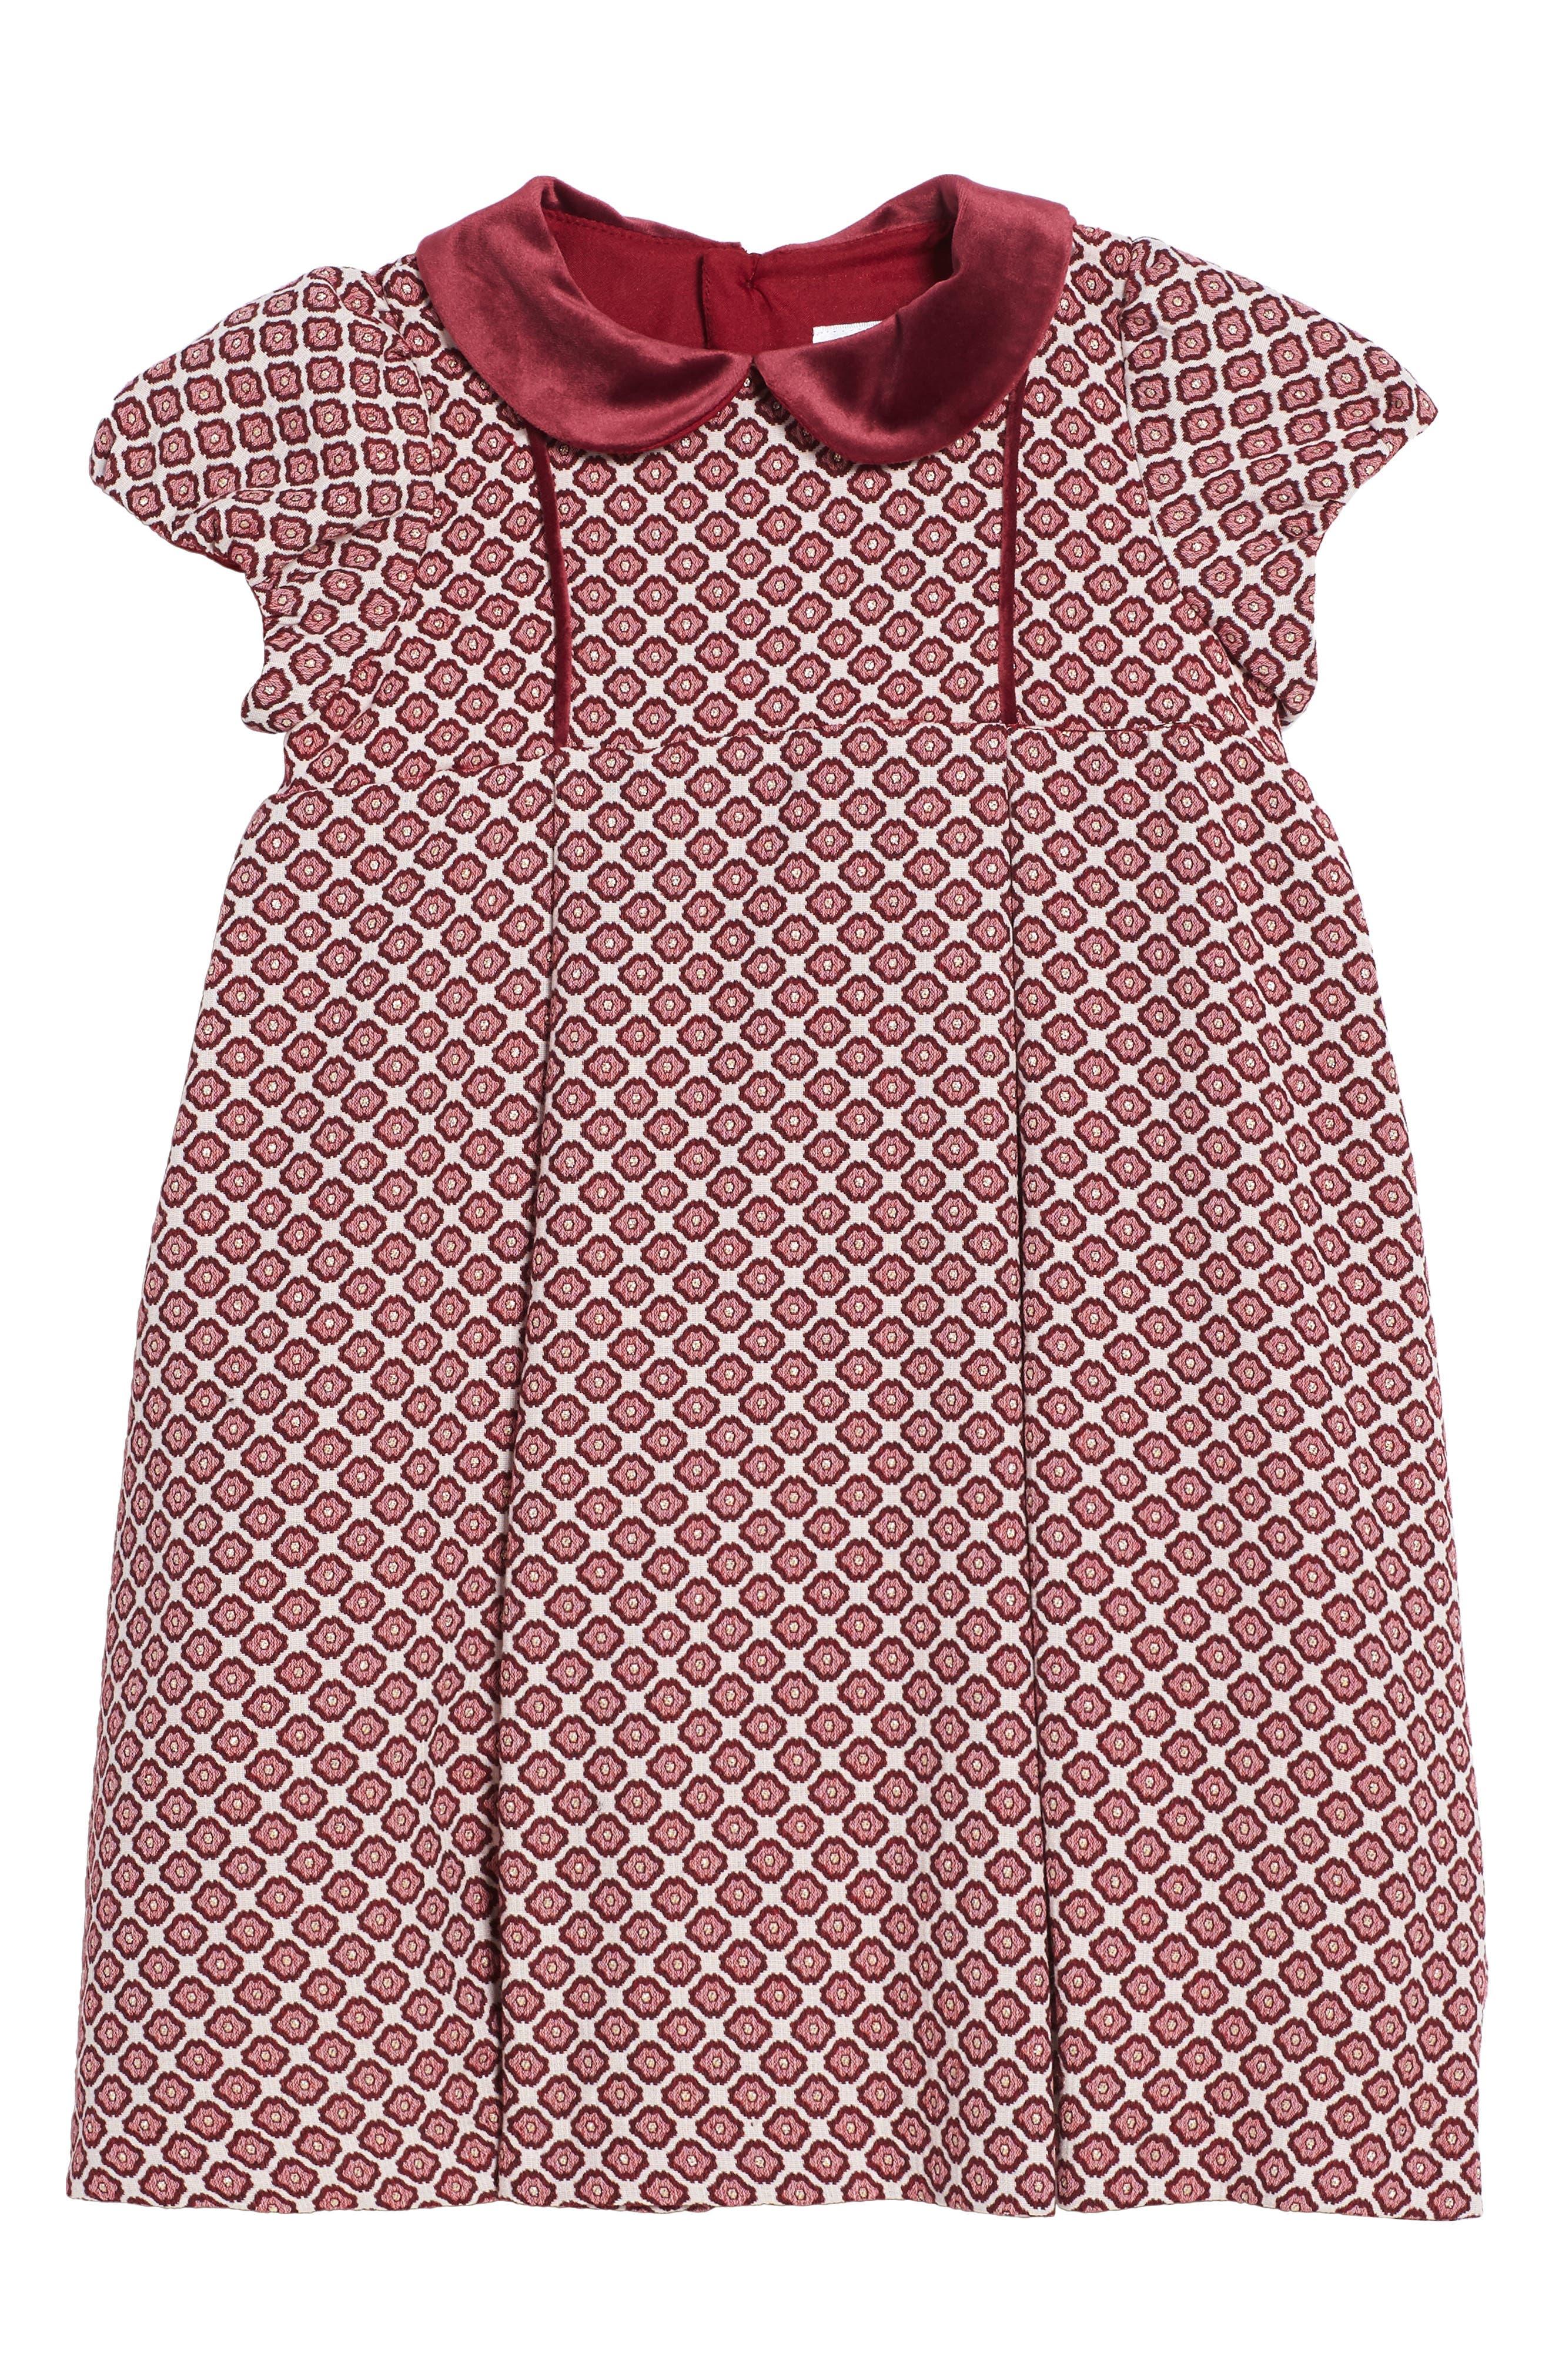 Main Image - Luli & Me Floral Jacquard Dress (Toddler Girls)